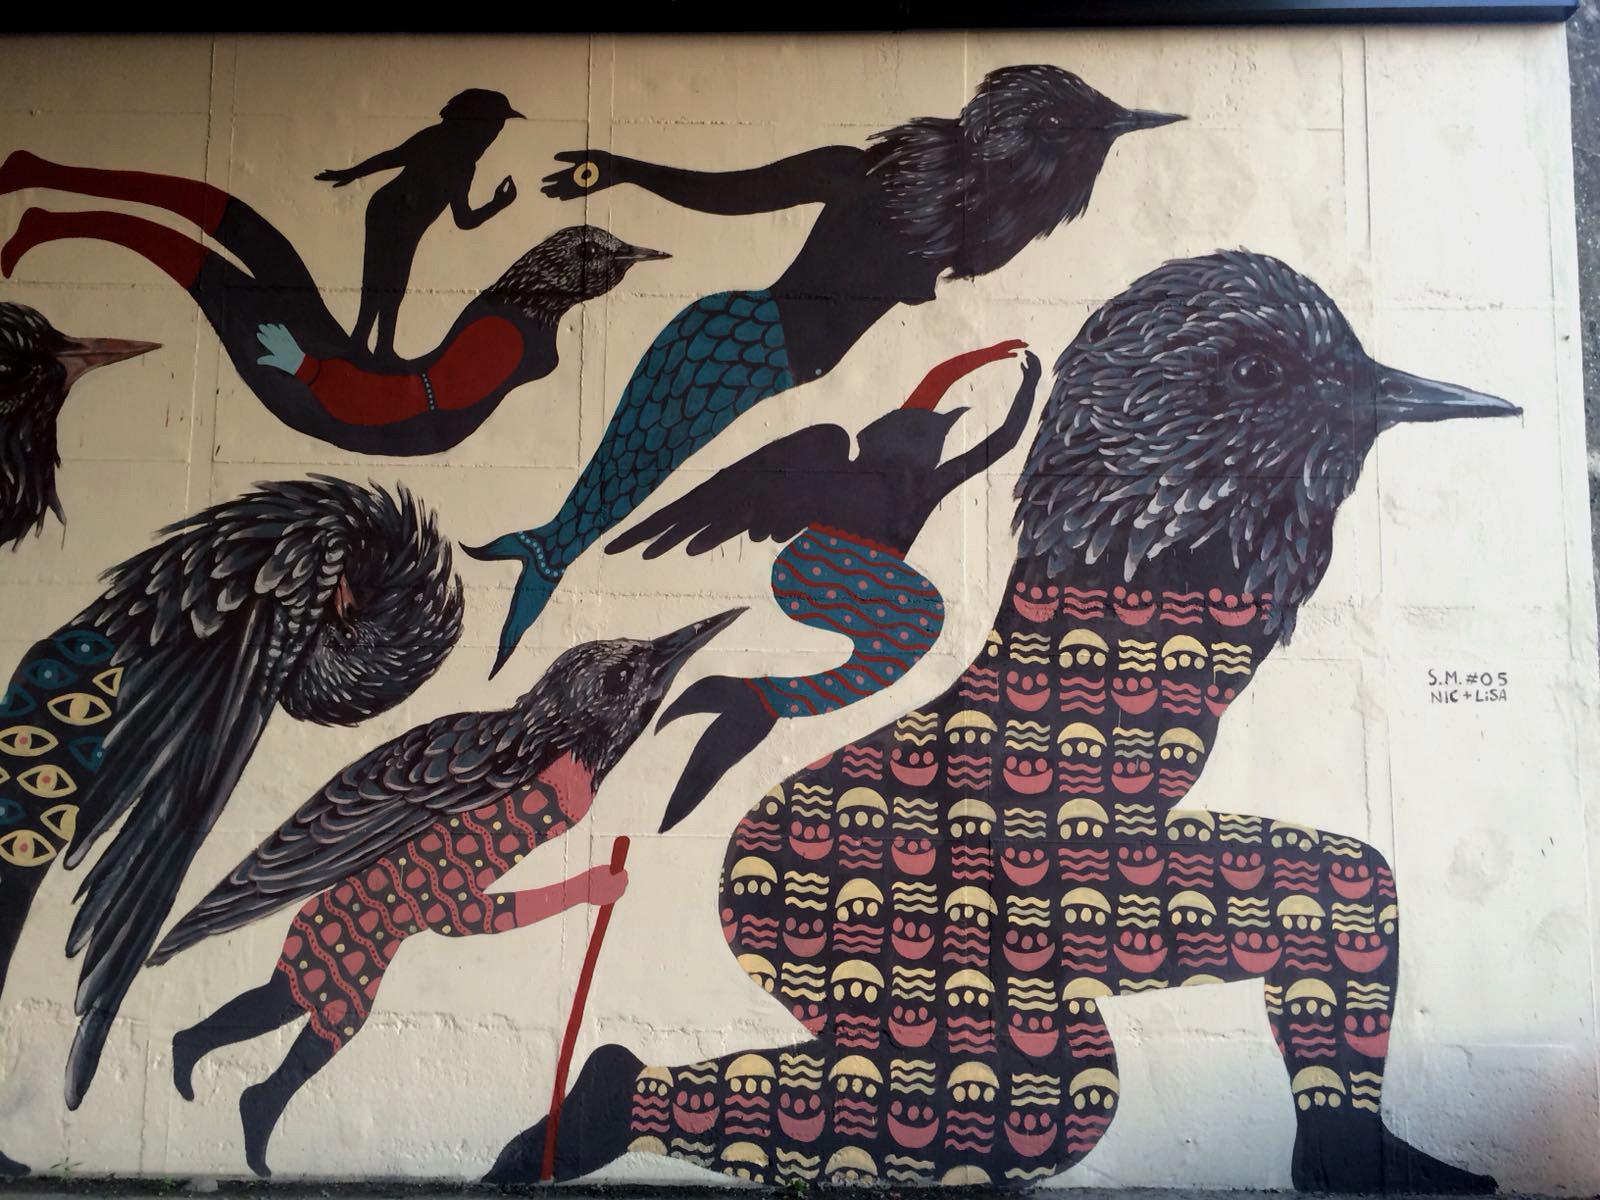 Nicola Alessandrini Lisa Gelli Street Art Sansepolcro Specie Migranti